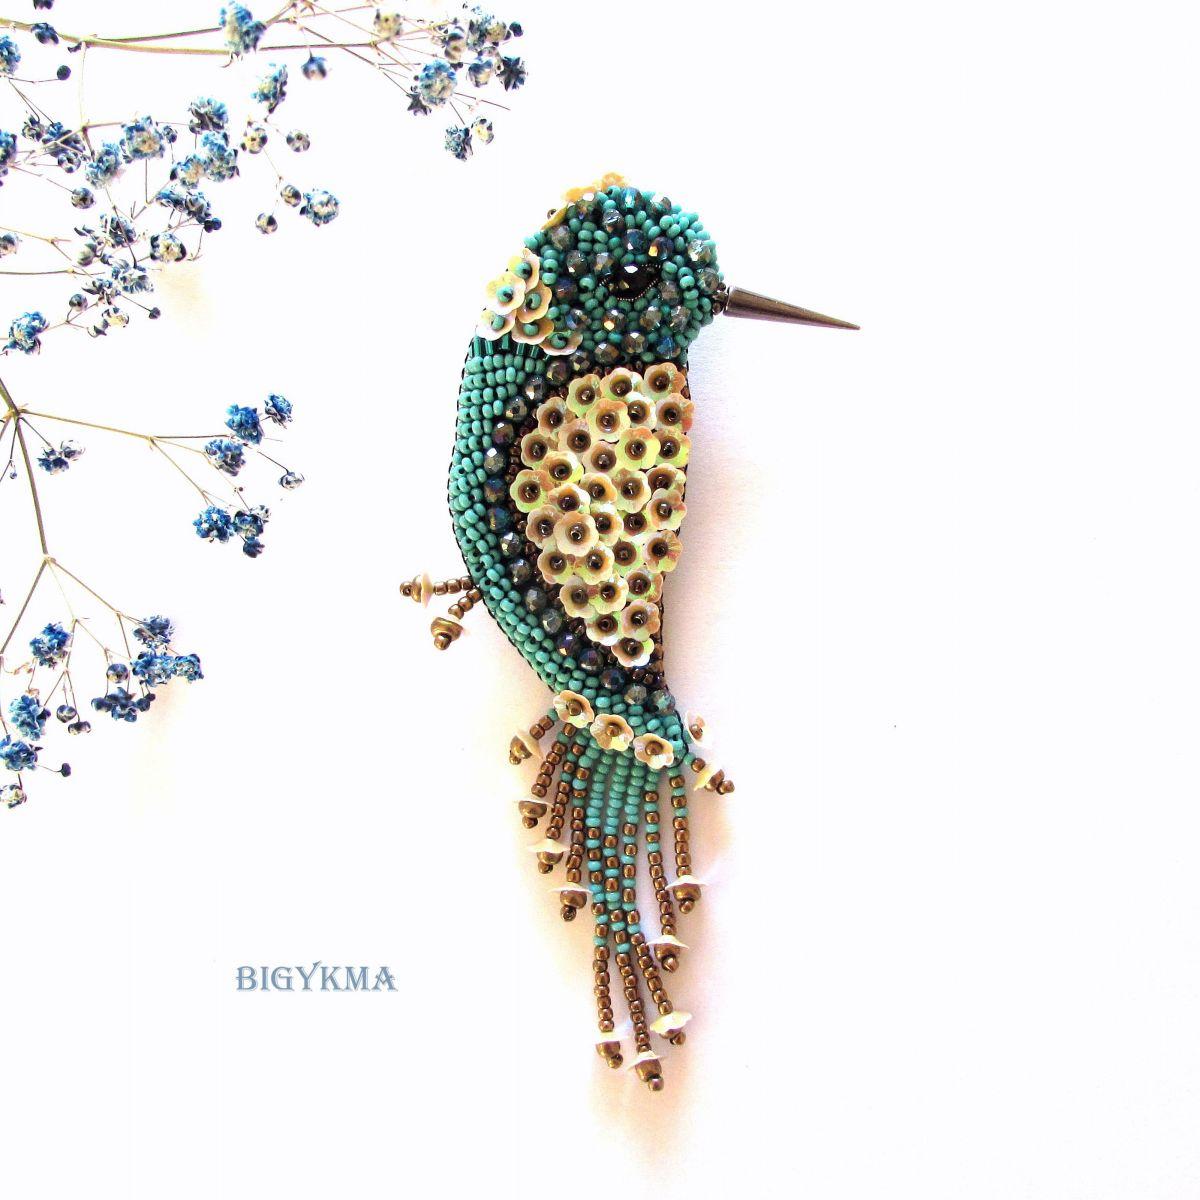 Брошь Птичка «Amore» бирюзовая из бисера, хрустальных бусин и пайеток.